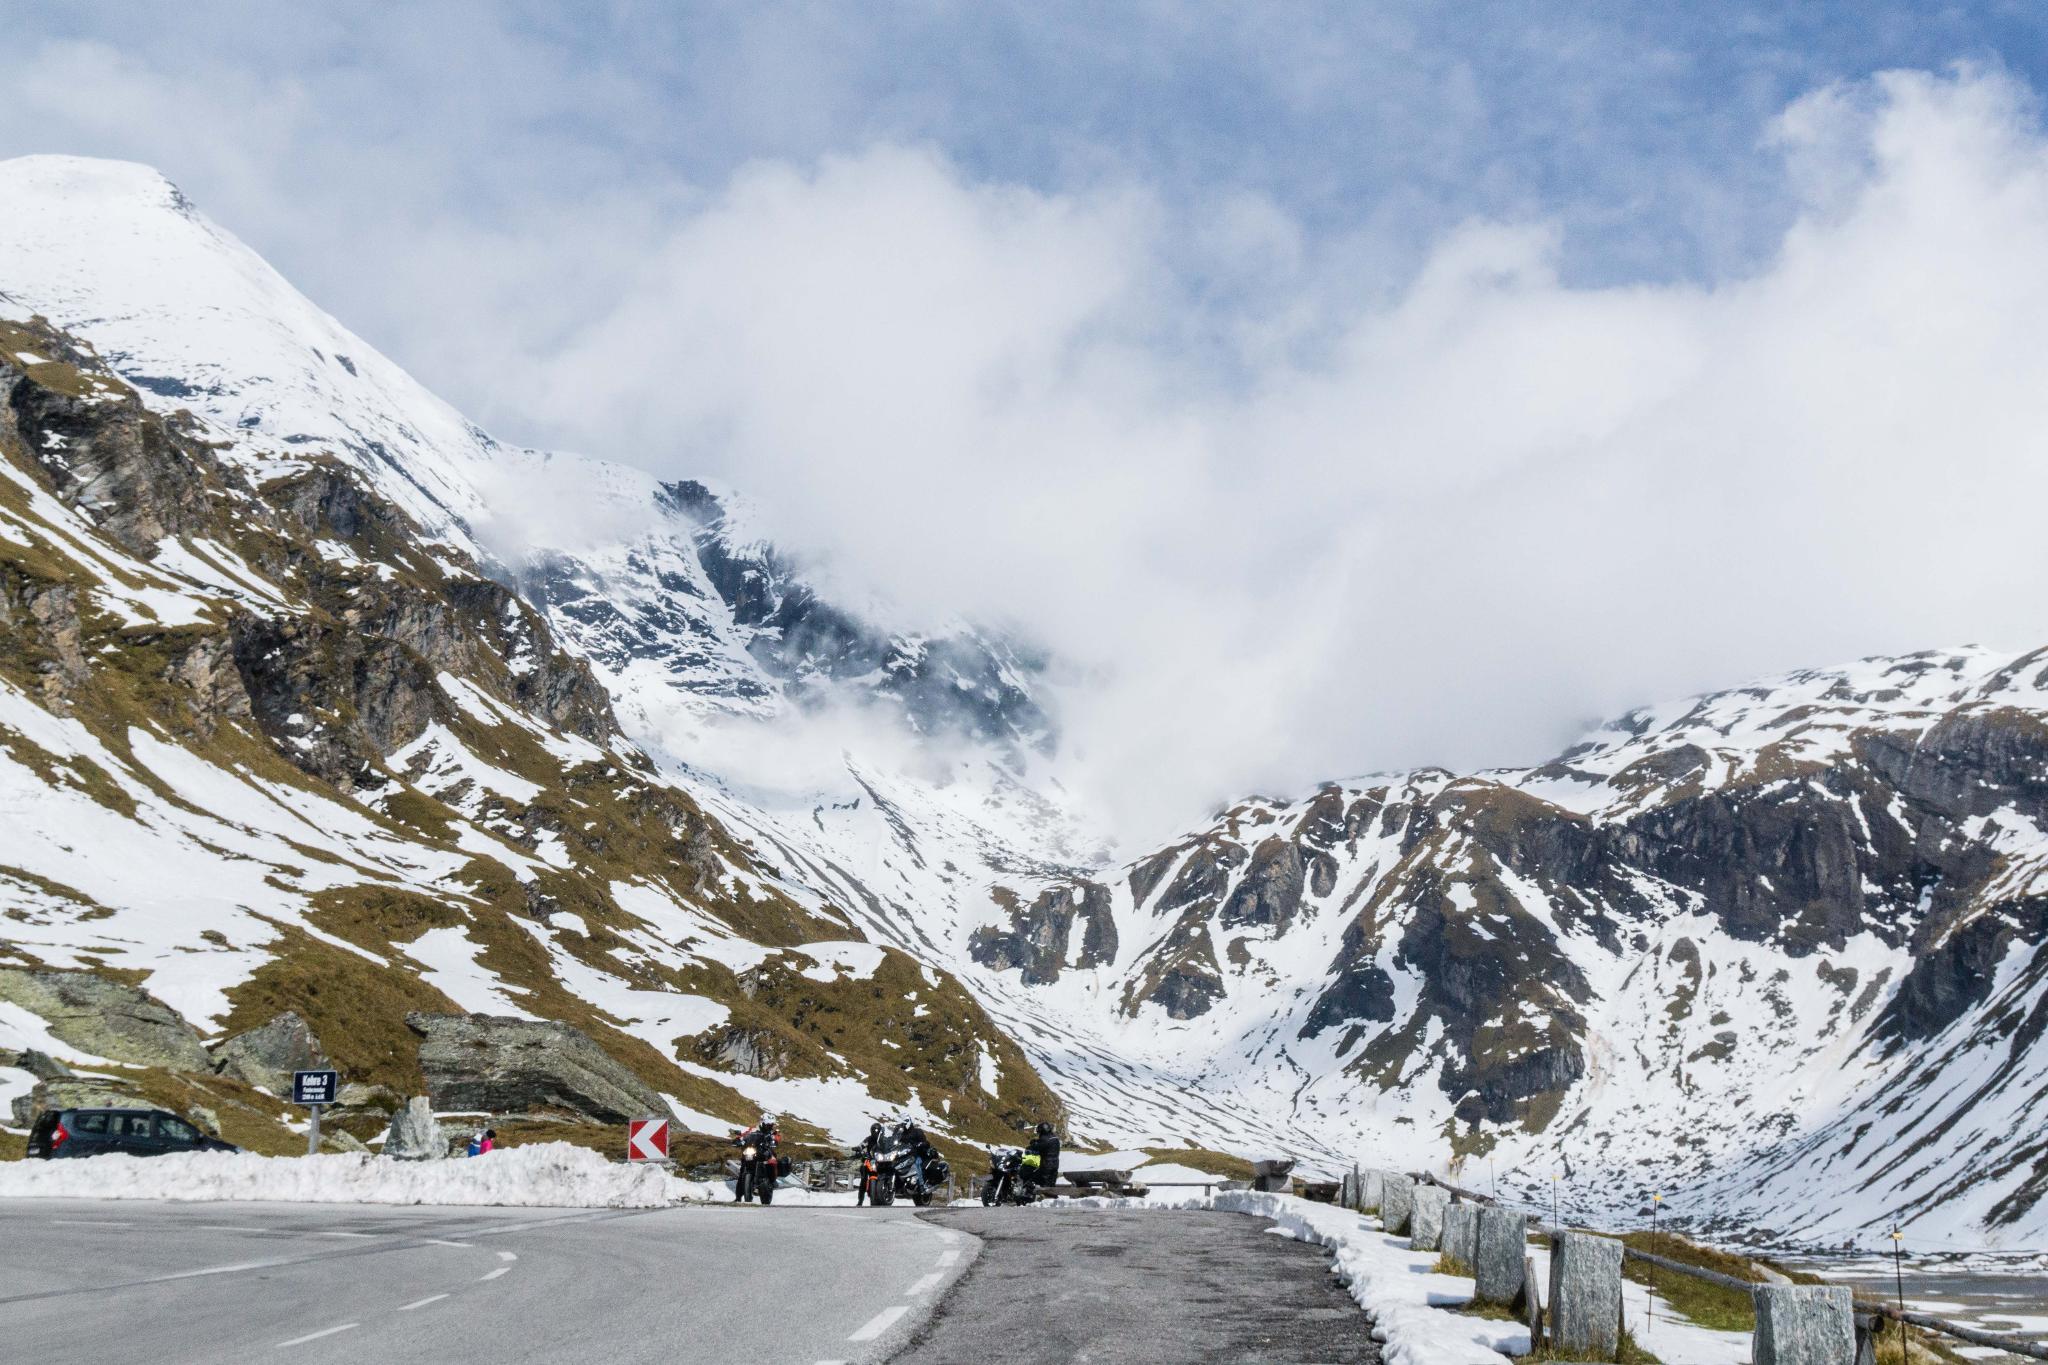 【奧地利】穿越阿爾卑斯之巔 — 奧地利大鐘山冰河公路 (Grossglockner High Alpine Road) 23